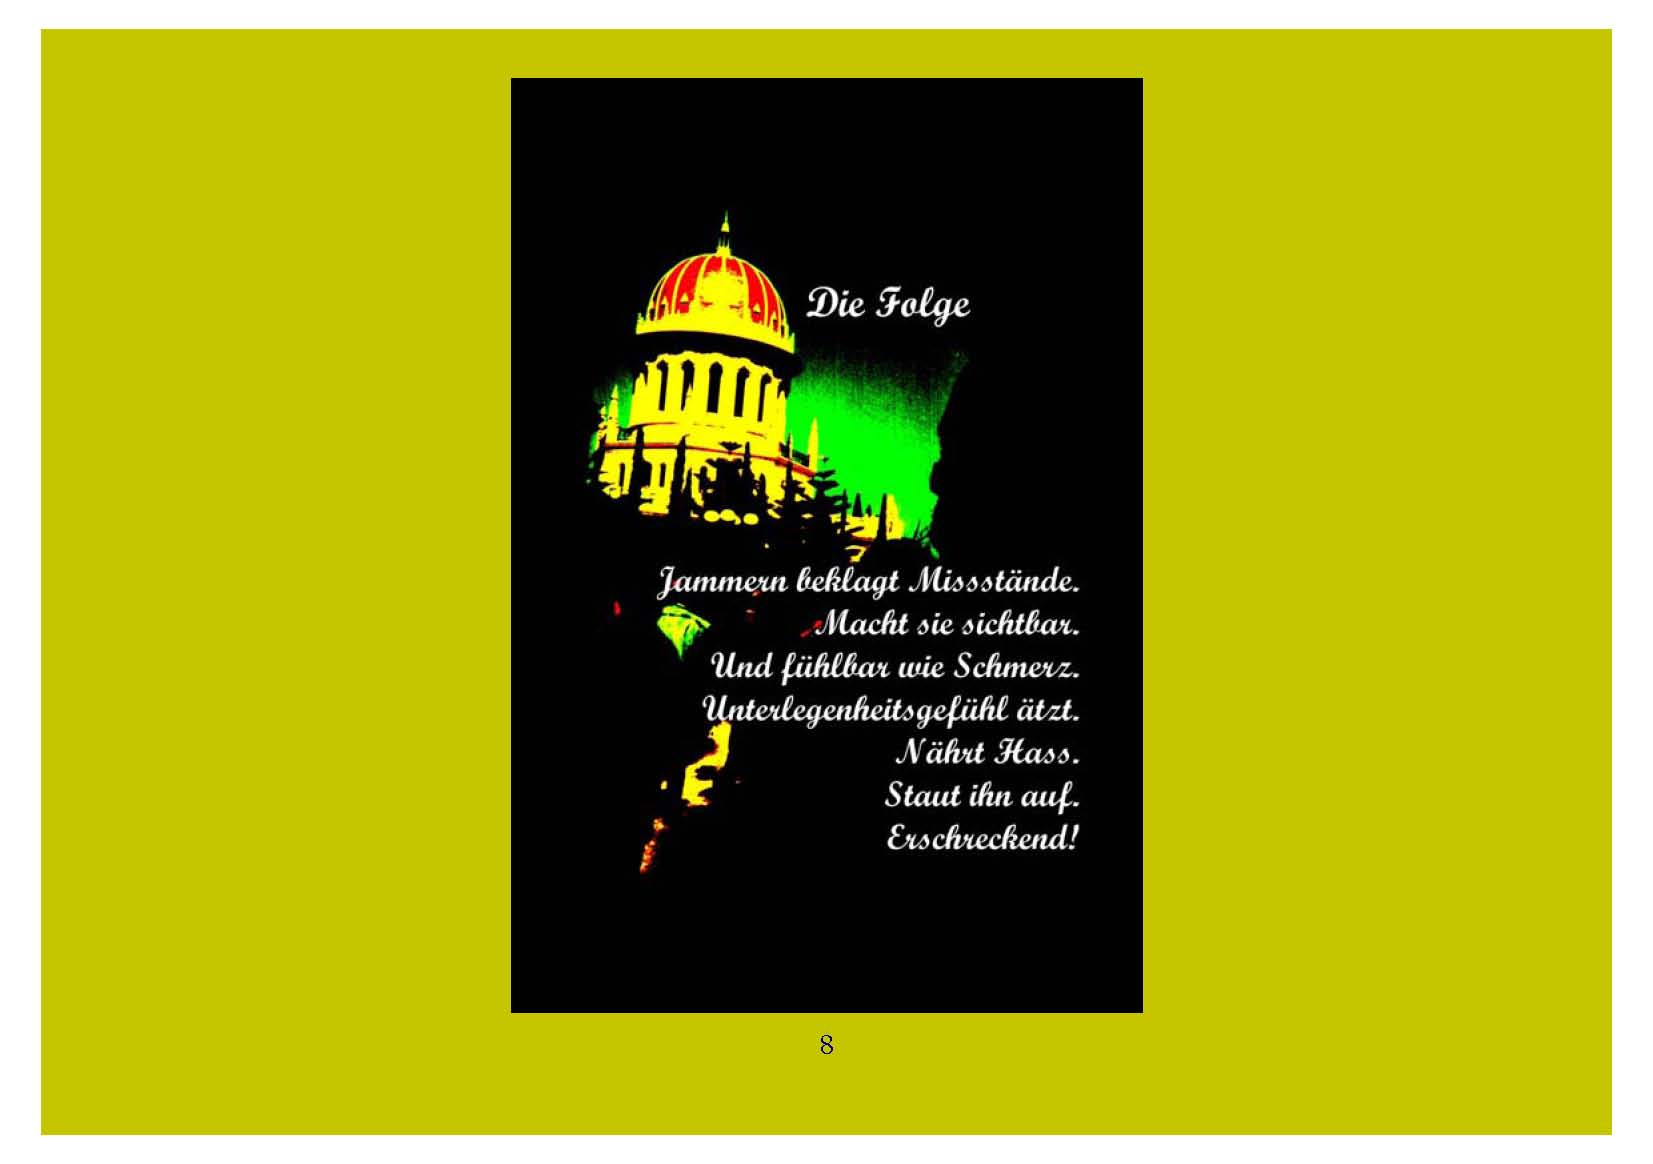 ™Gigabuch-Bibliothek/iAutobiographie Band 20/Bild 1486